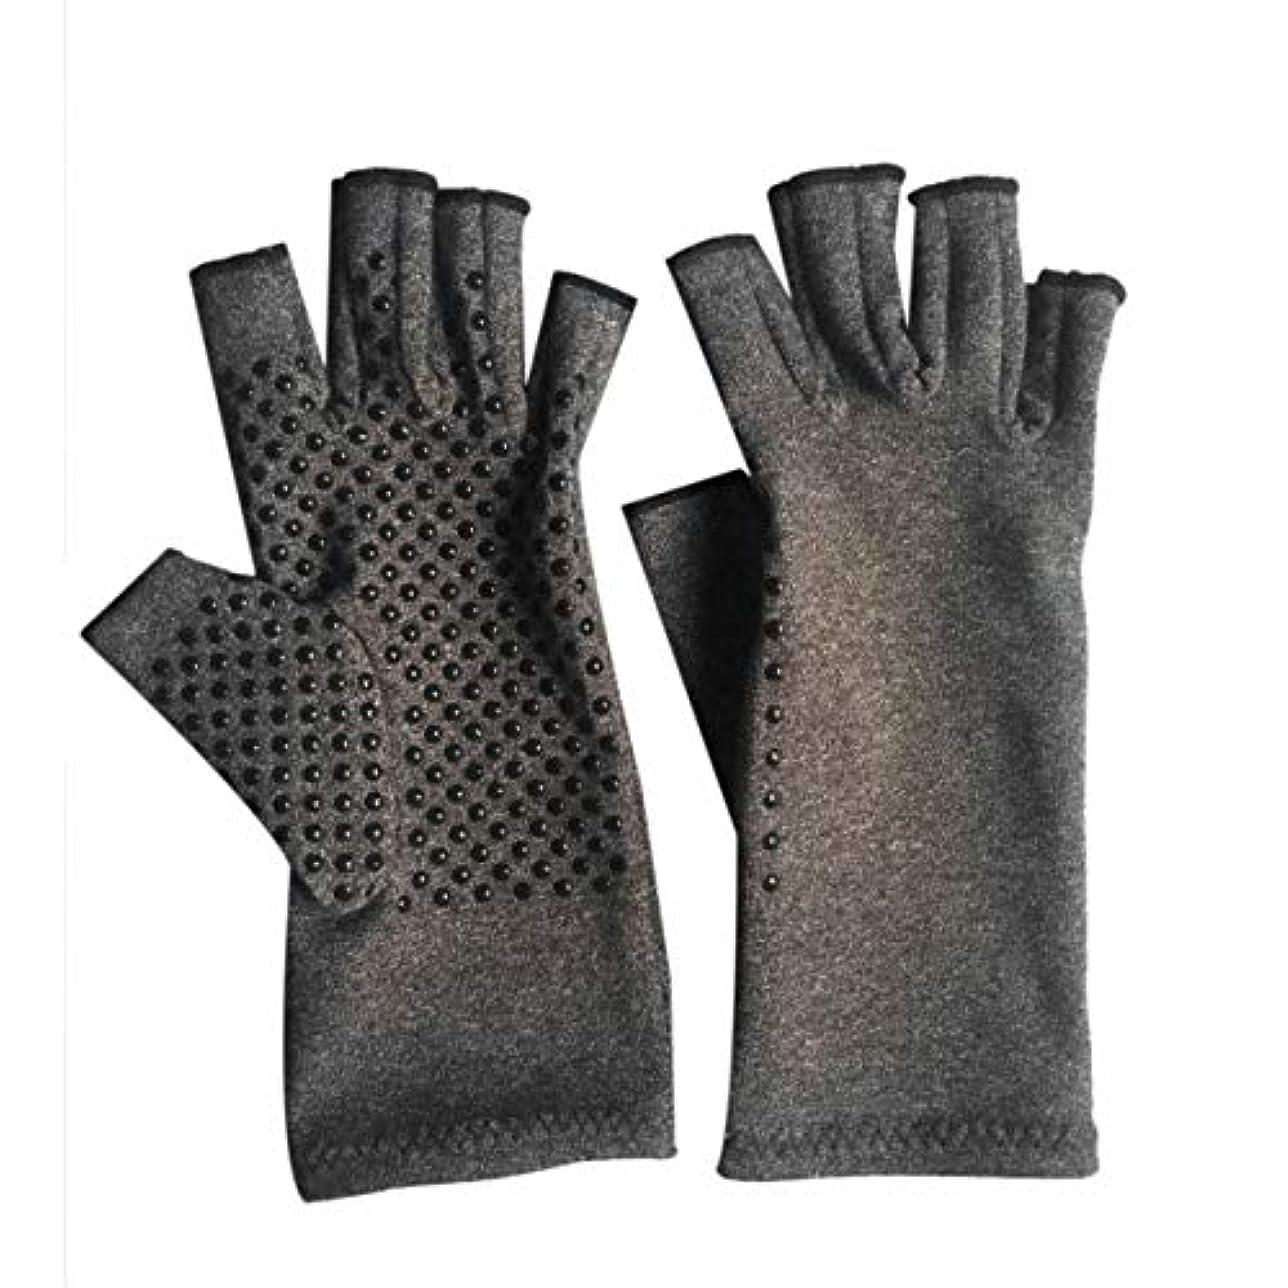 有限フェローシップ十億1ペアユニセックス男性女性療法圧縮手袋関節炎関節痛緩和ヘルスケア半指手袋トレーニング手袋 - グレーM